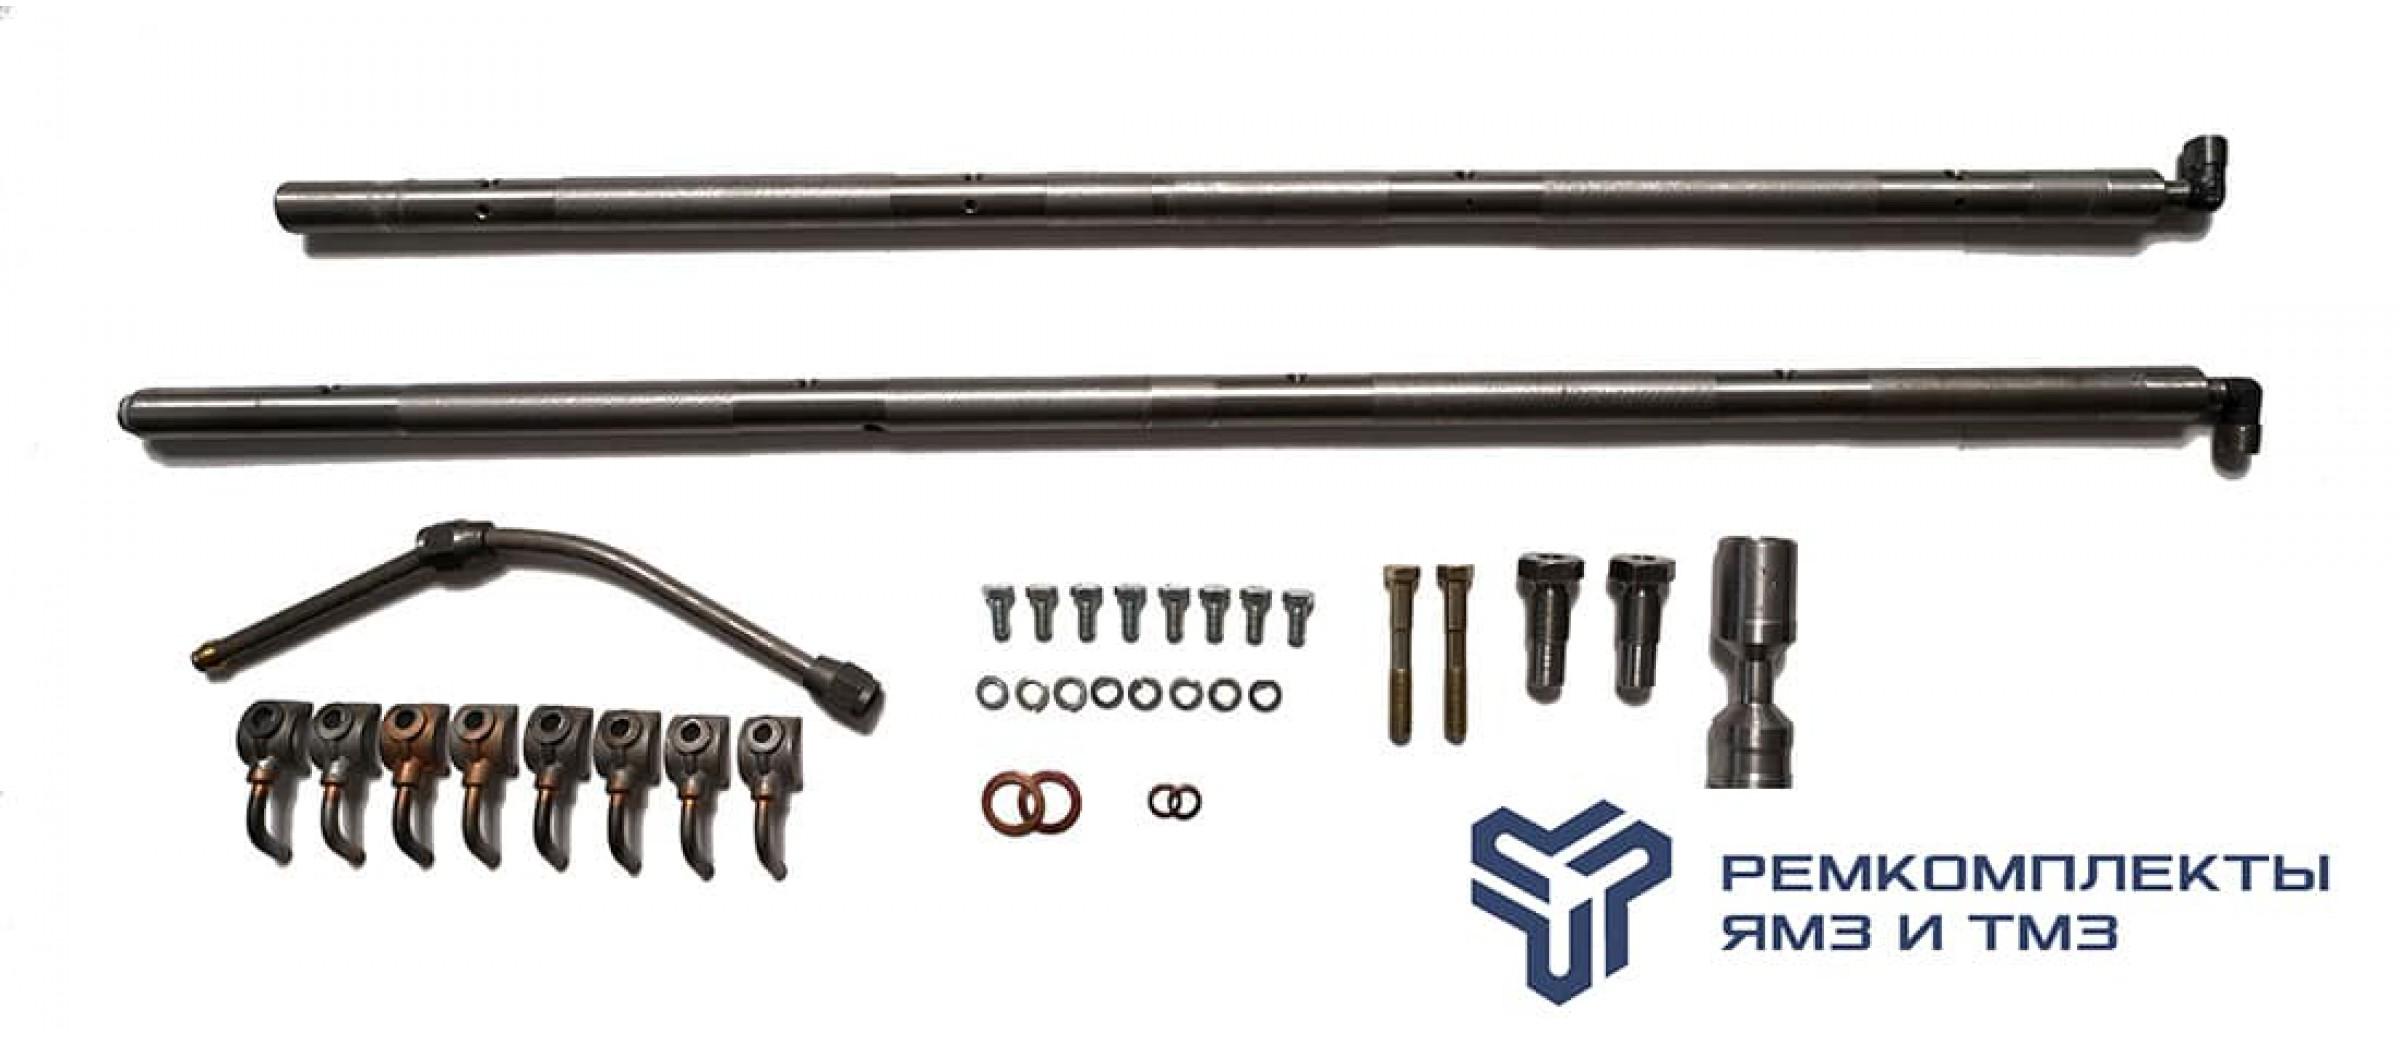 Комплект системы охлаждения поршня маслом ЯМЗ-7511